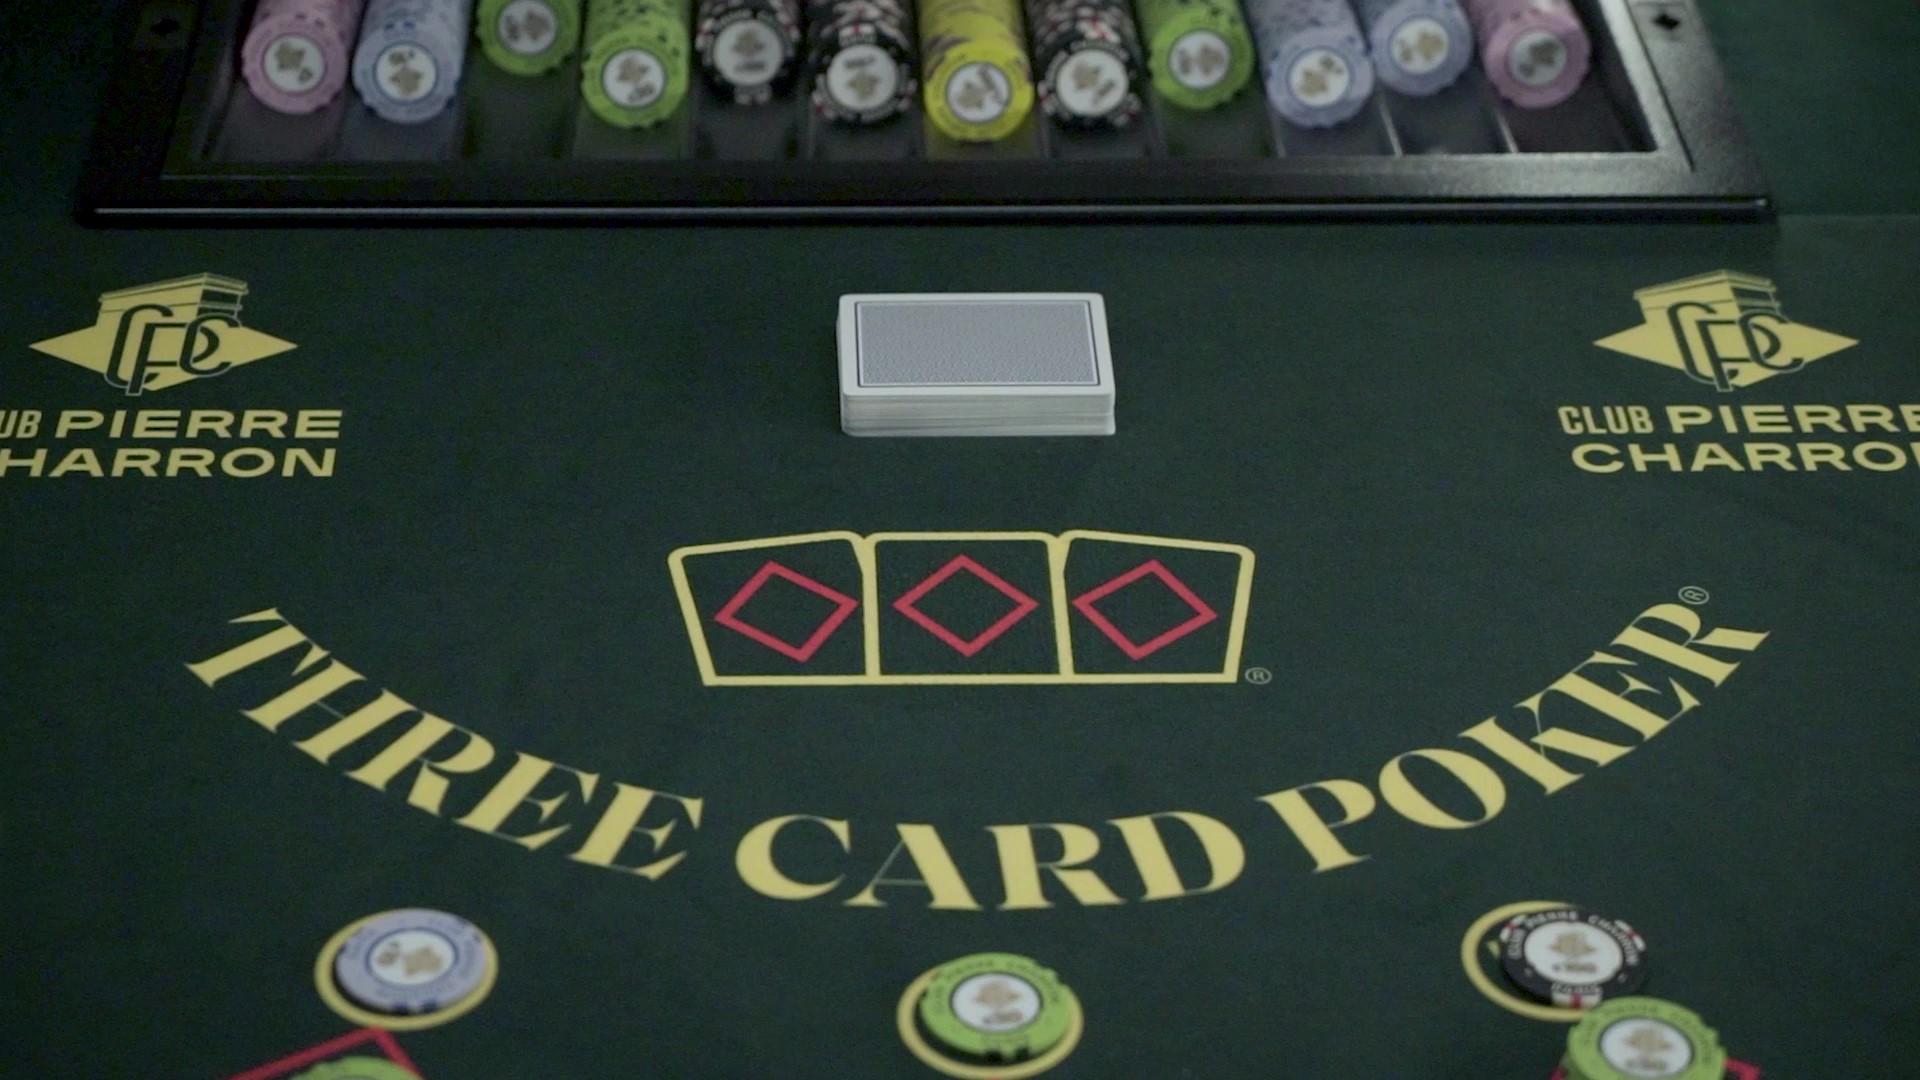 Table de Poker 3 Cartes du Club Pierre Charron